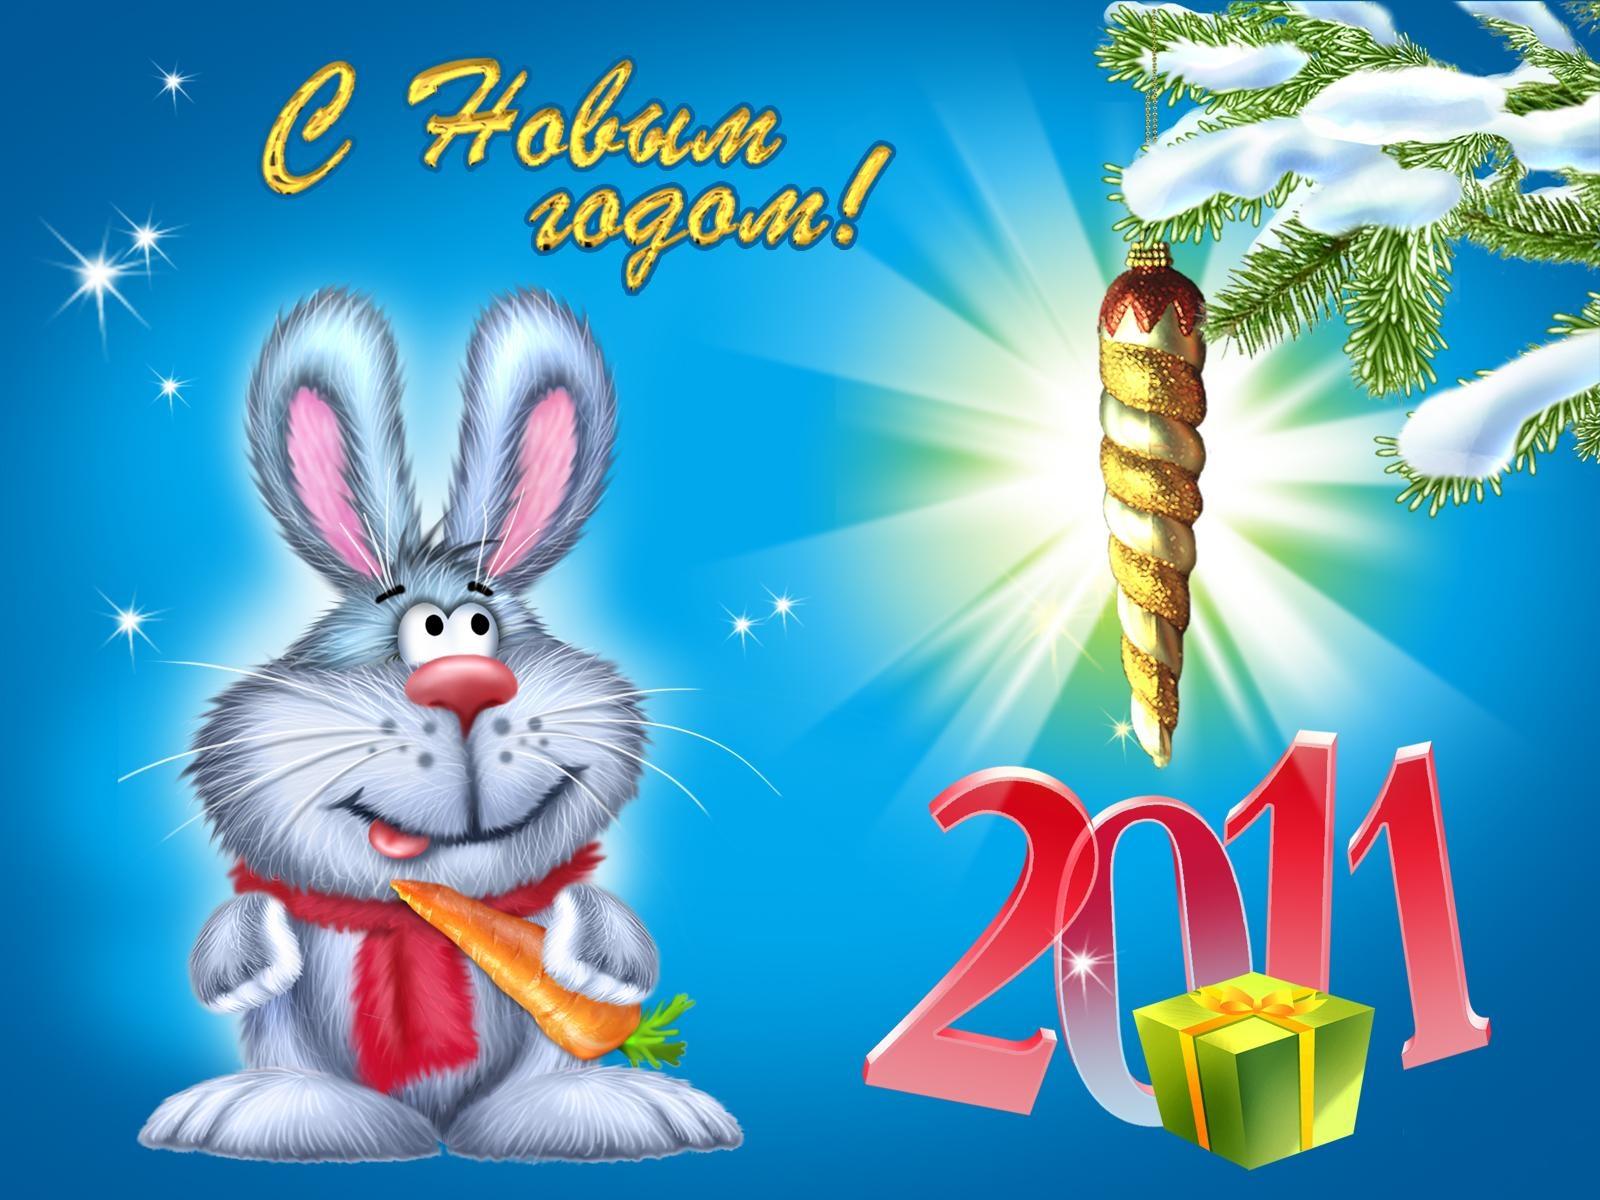 Поздравления на новый год в год зайца